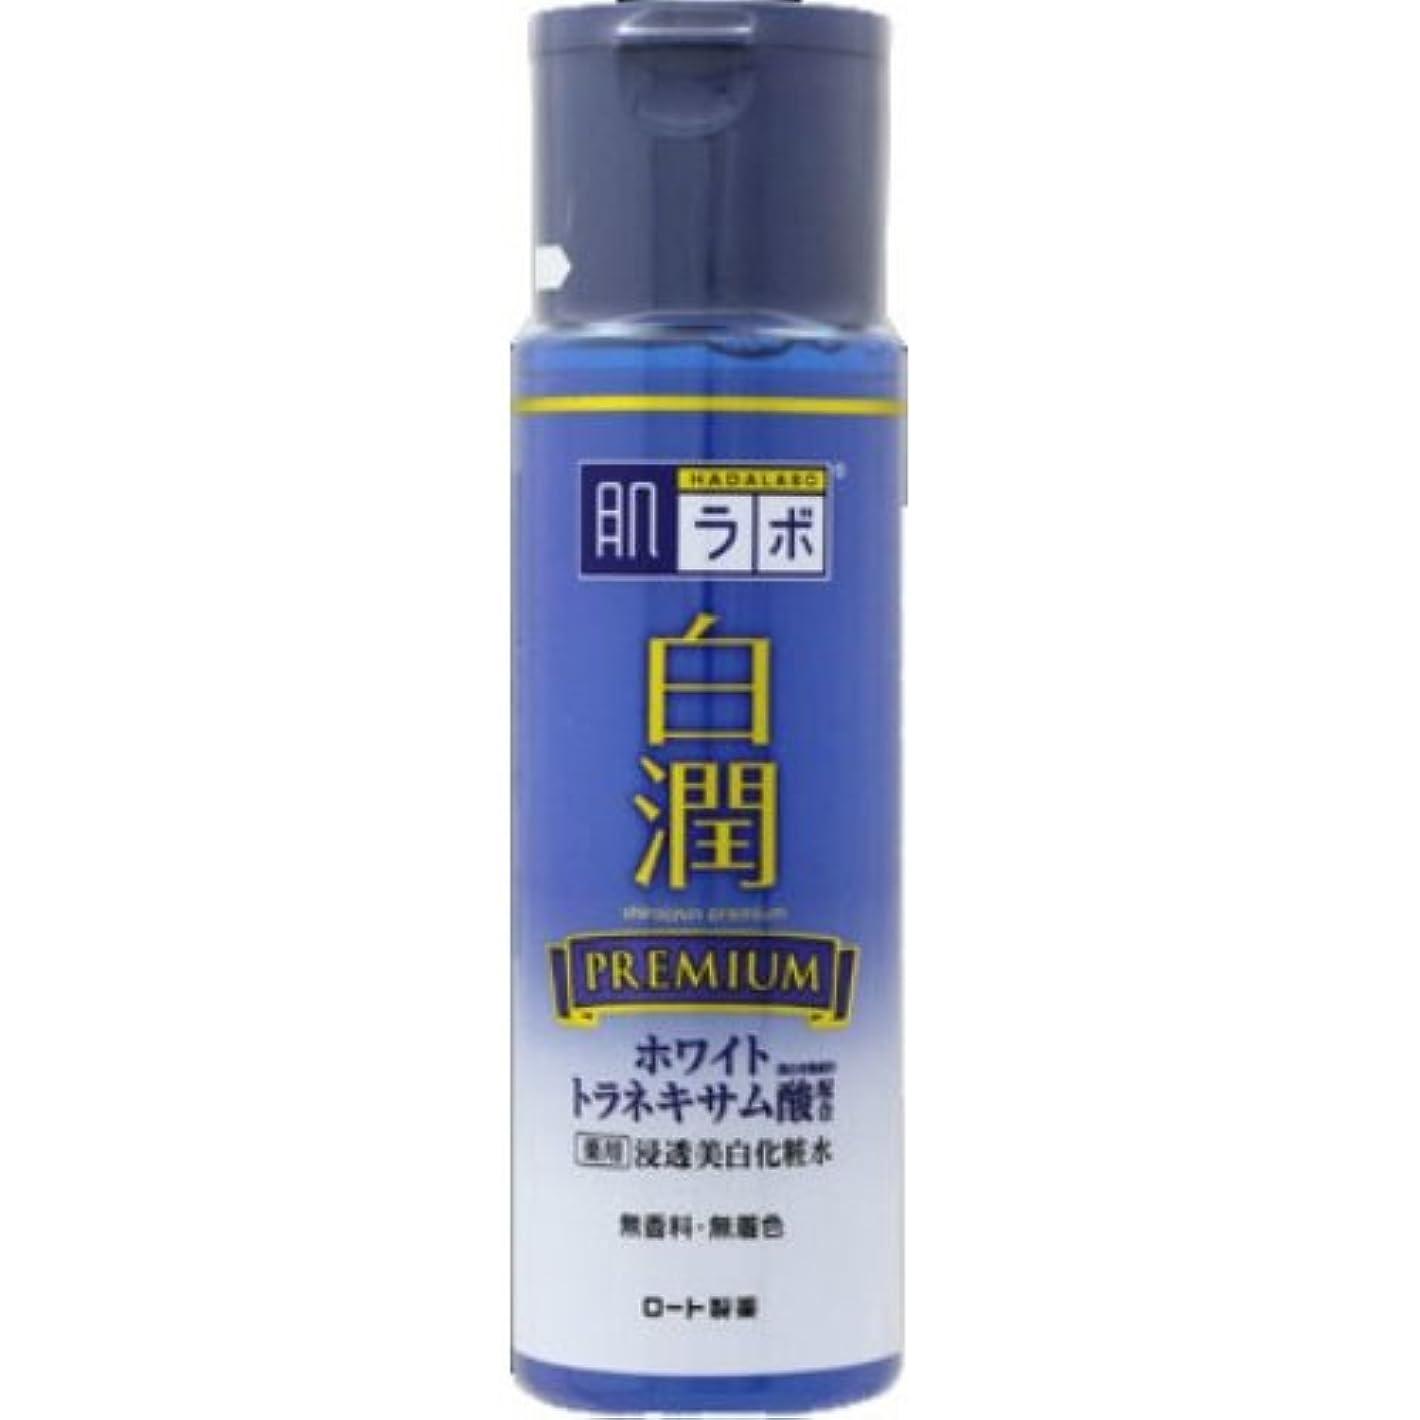 肌ラボ 白潤プレミアム 薬用浸透美白化粧水 170mL × 48個セット